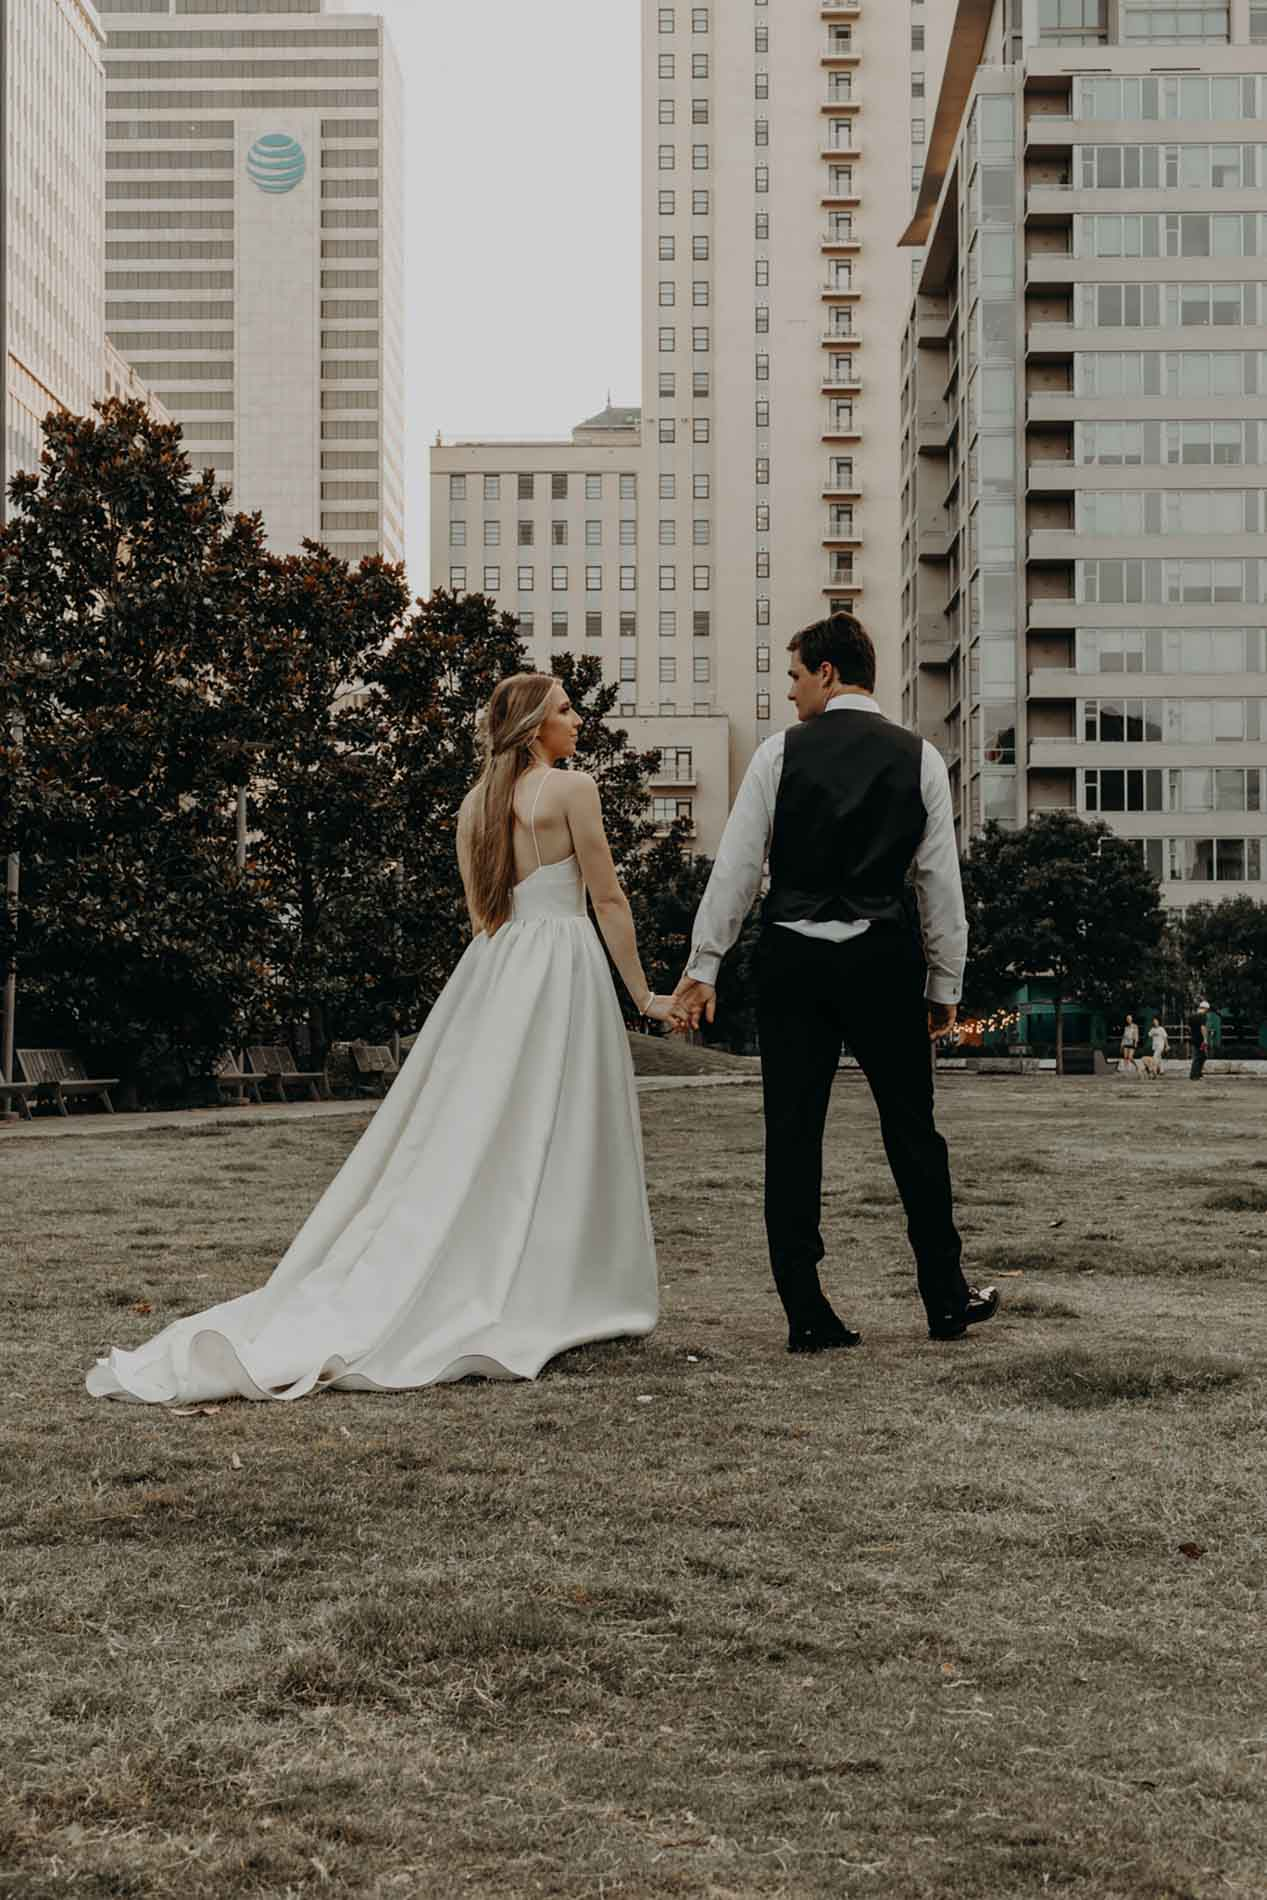 married couple walking downtown in wedding dress